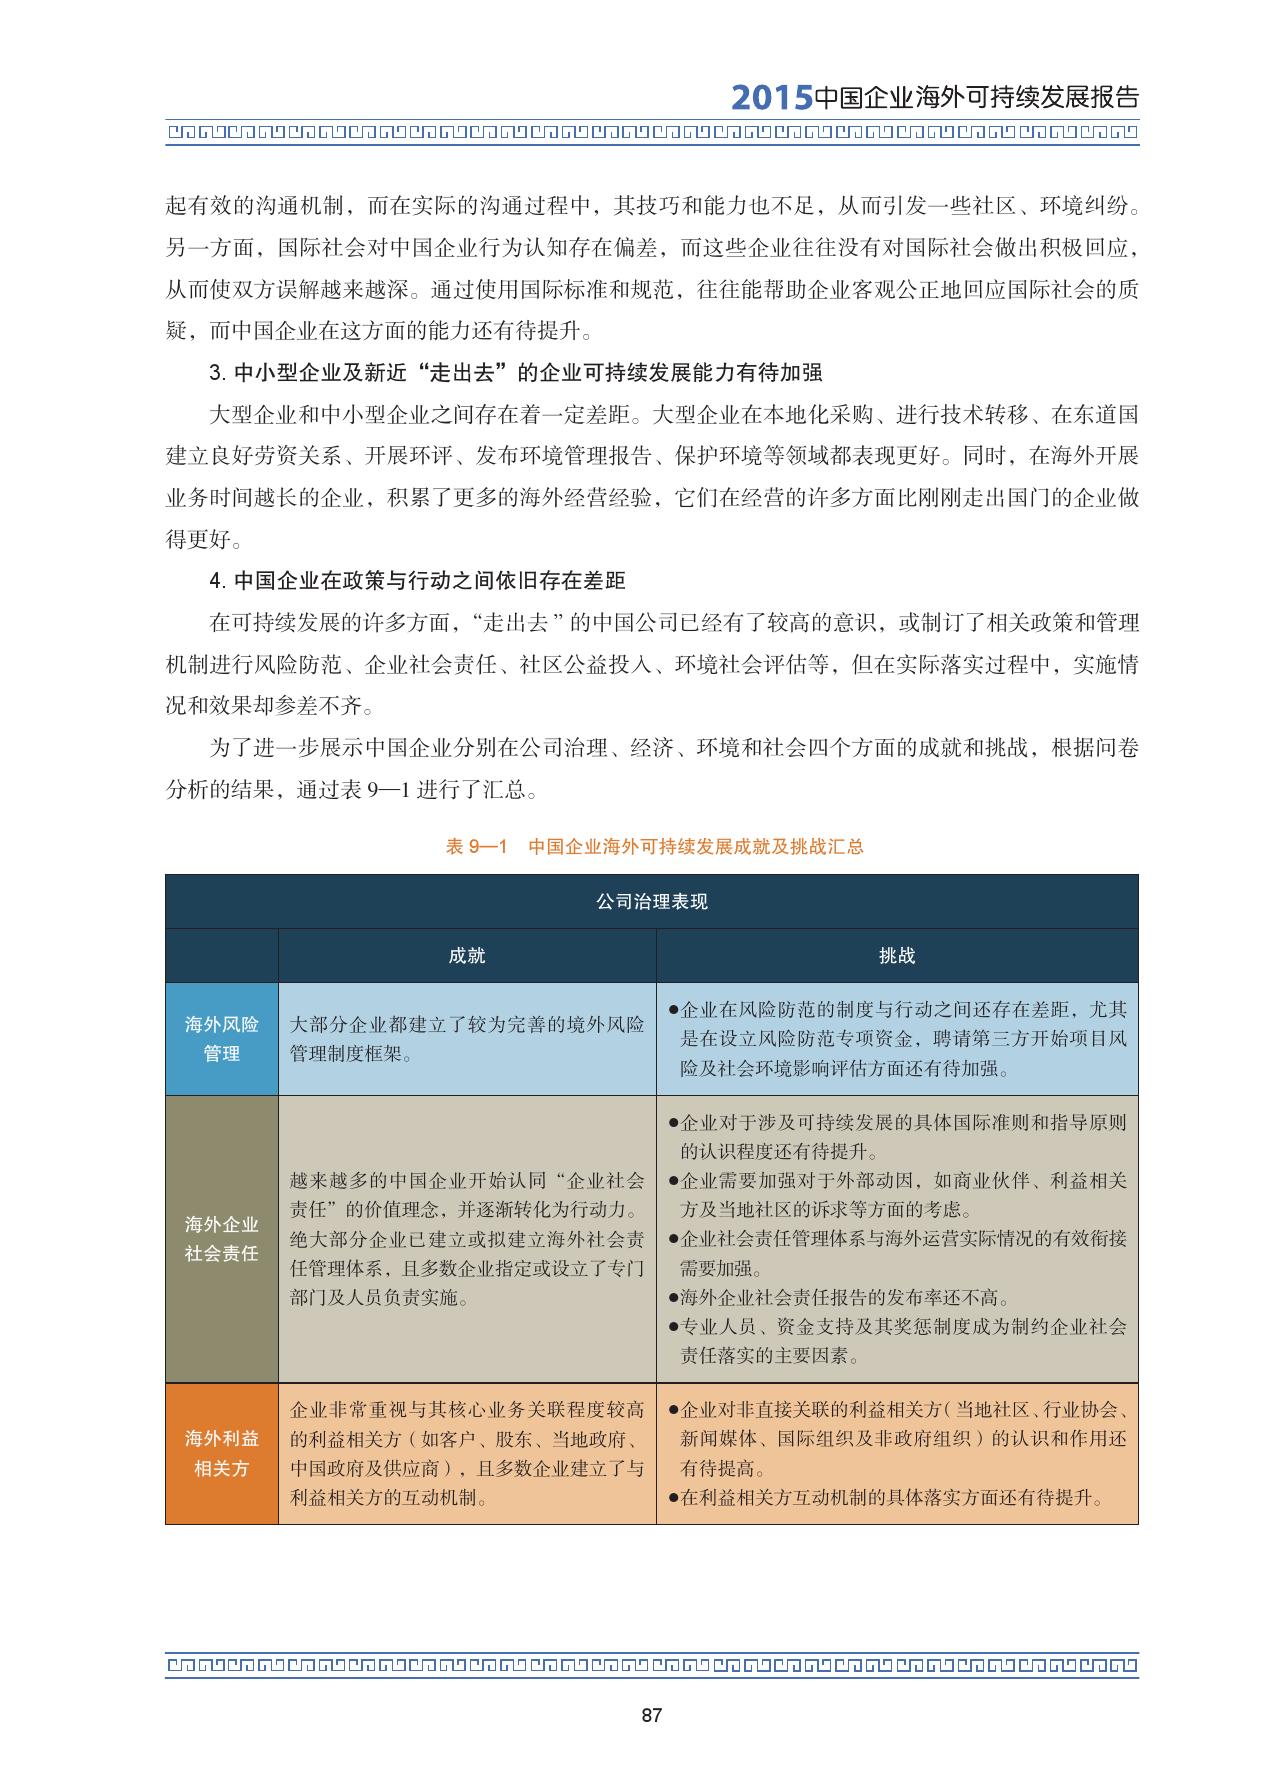 2015中国企业海外可持续发展报告_000101